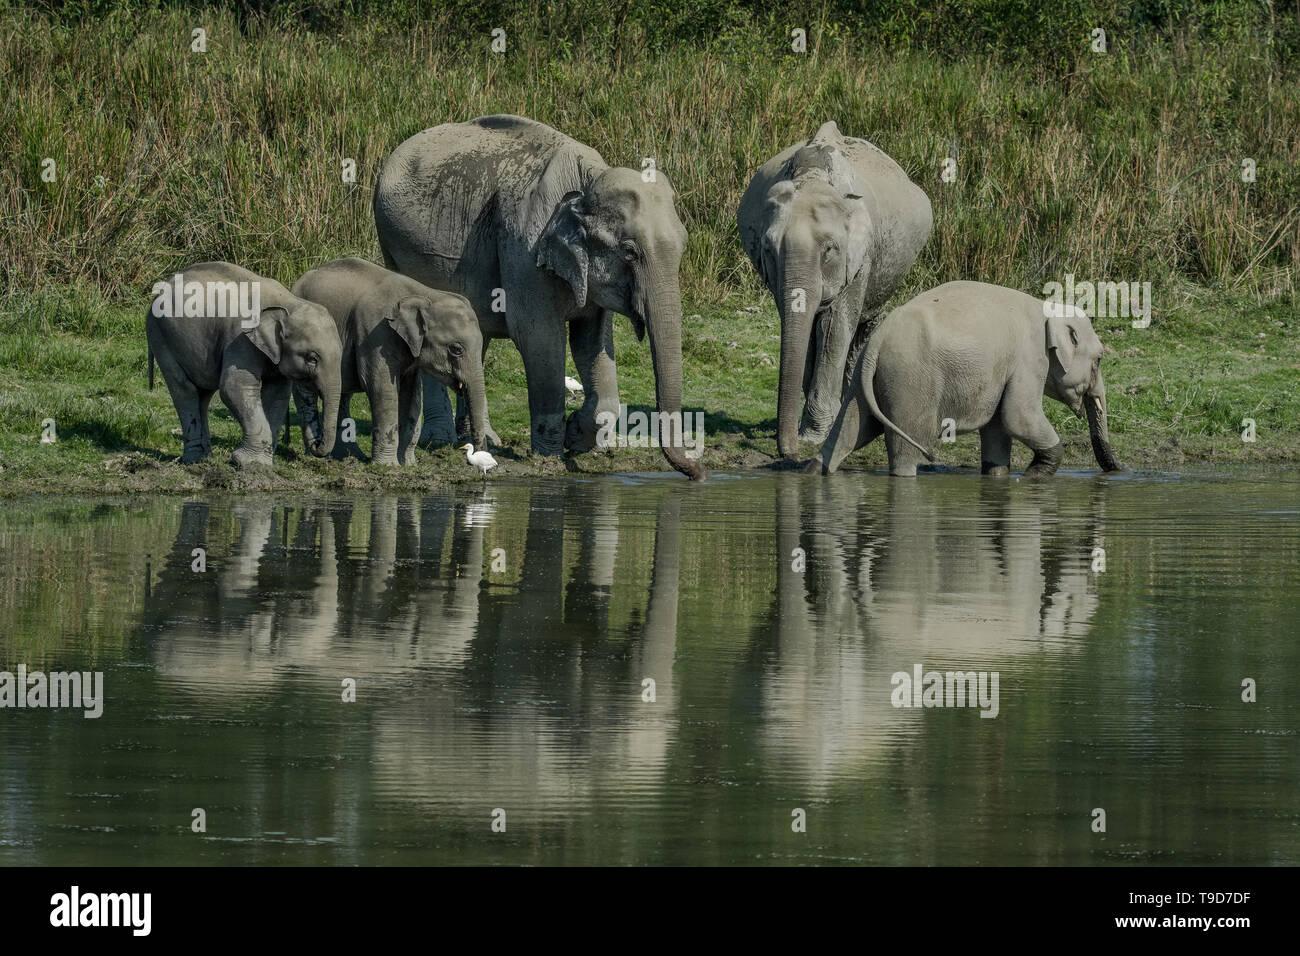 Une soif de la famille éléphant d'Asie (Elephas maximus). Banque D'Images